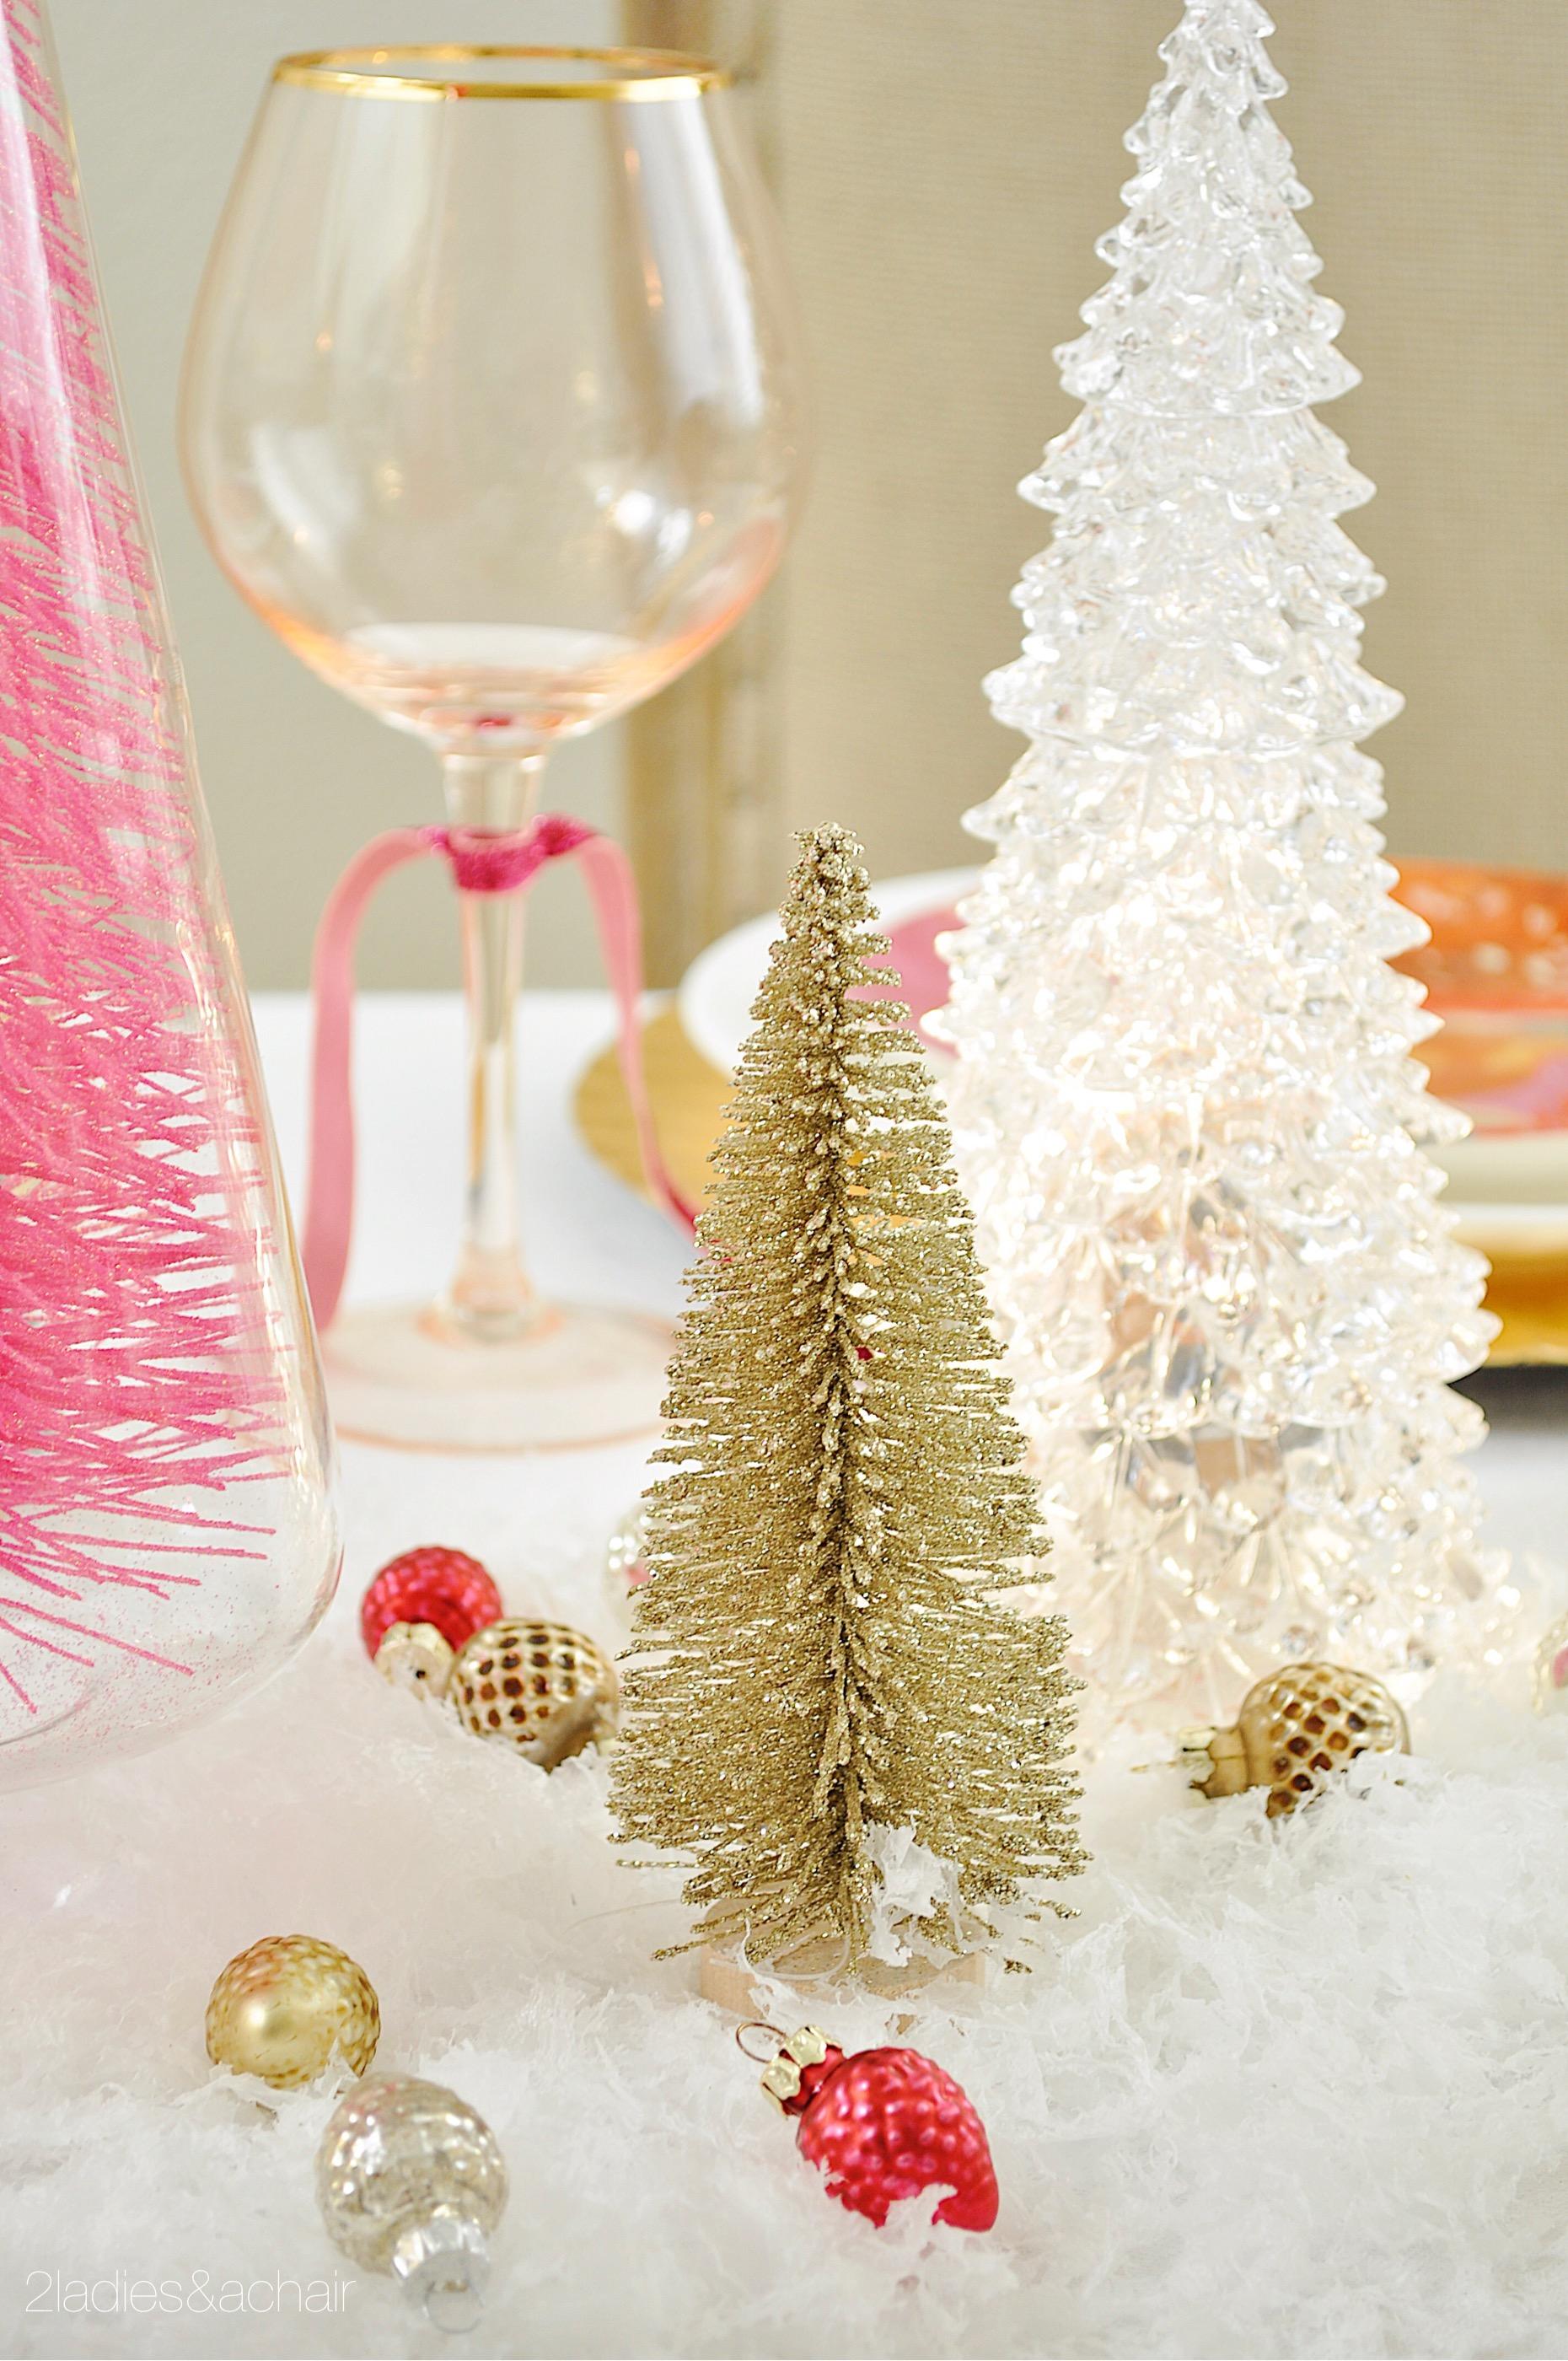 christmas tablescape ideas IMG_8702.JPG